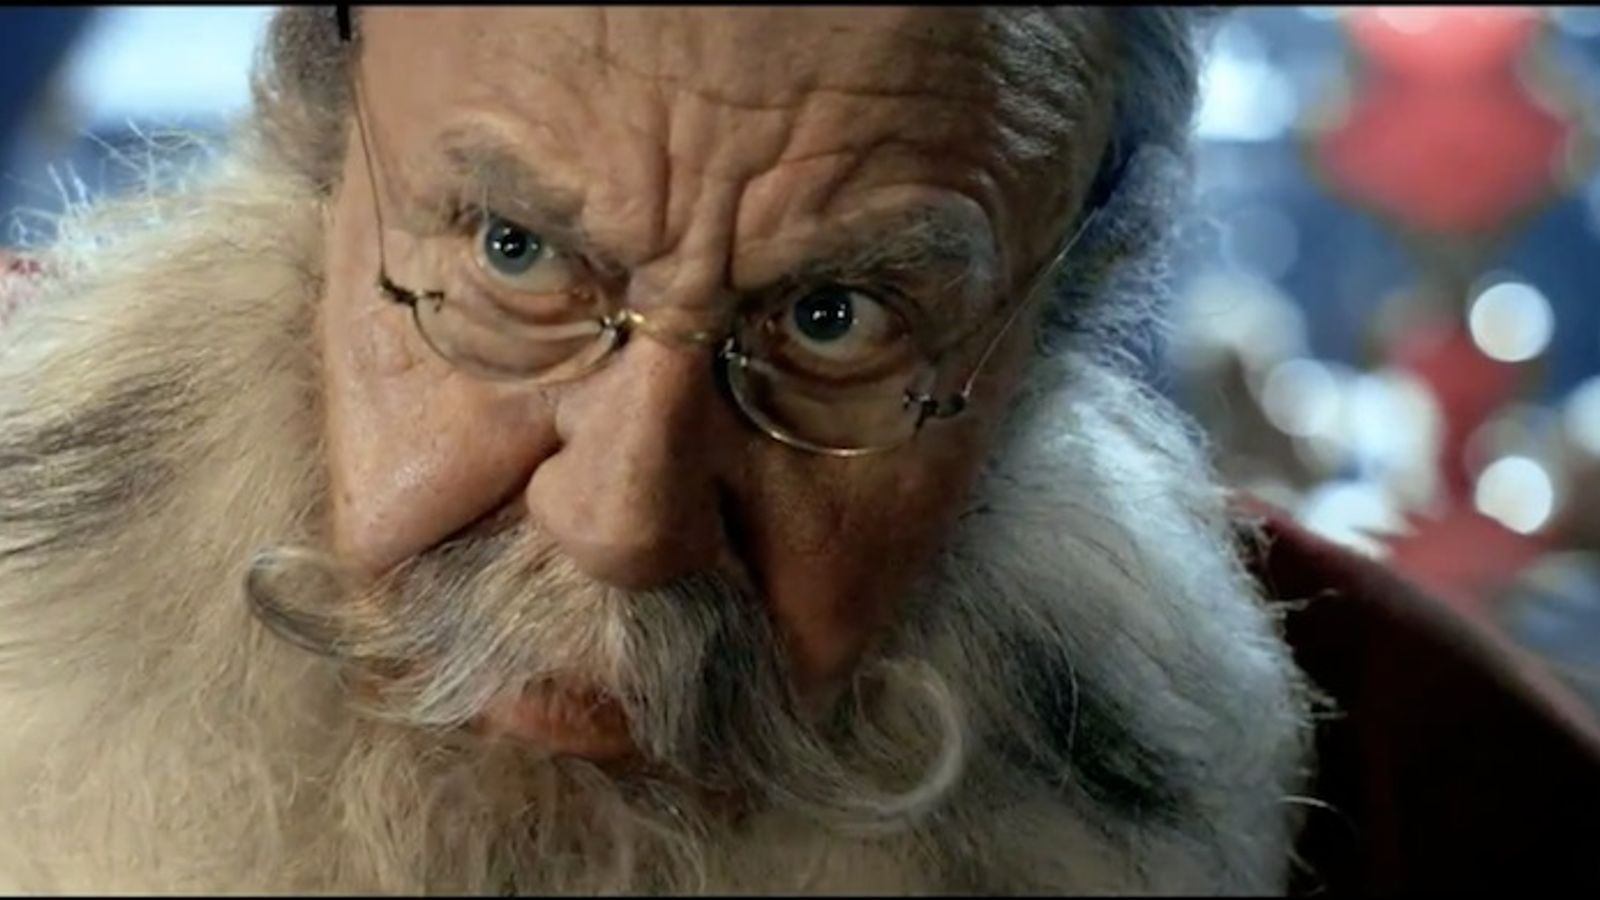 No em dedico als països pobres: un malvat Pare Noel, protagonista d'una campanya d'Unicef